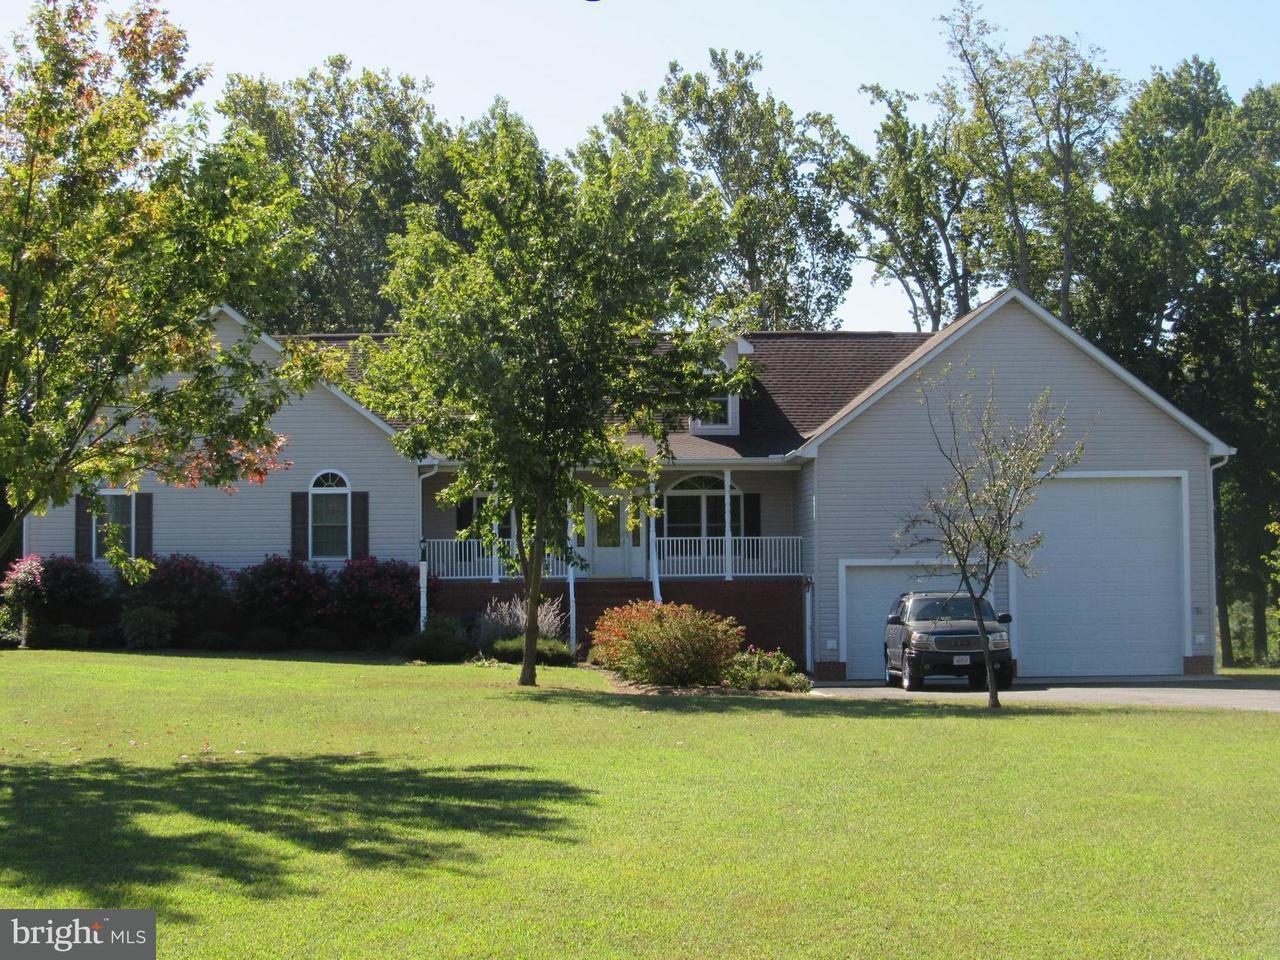 獨棟家庭住宅 為 出售 在 112 Essex Place 112 Essex Place Montross, 弗吉尼亞州 22520 美國